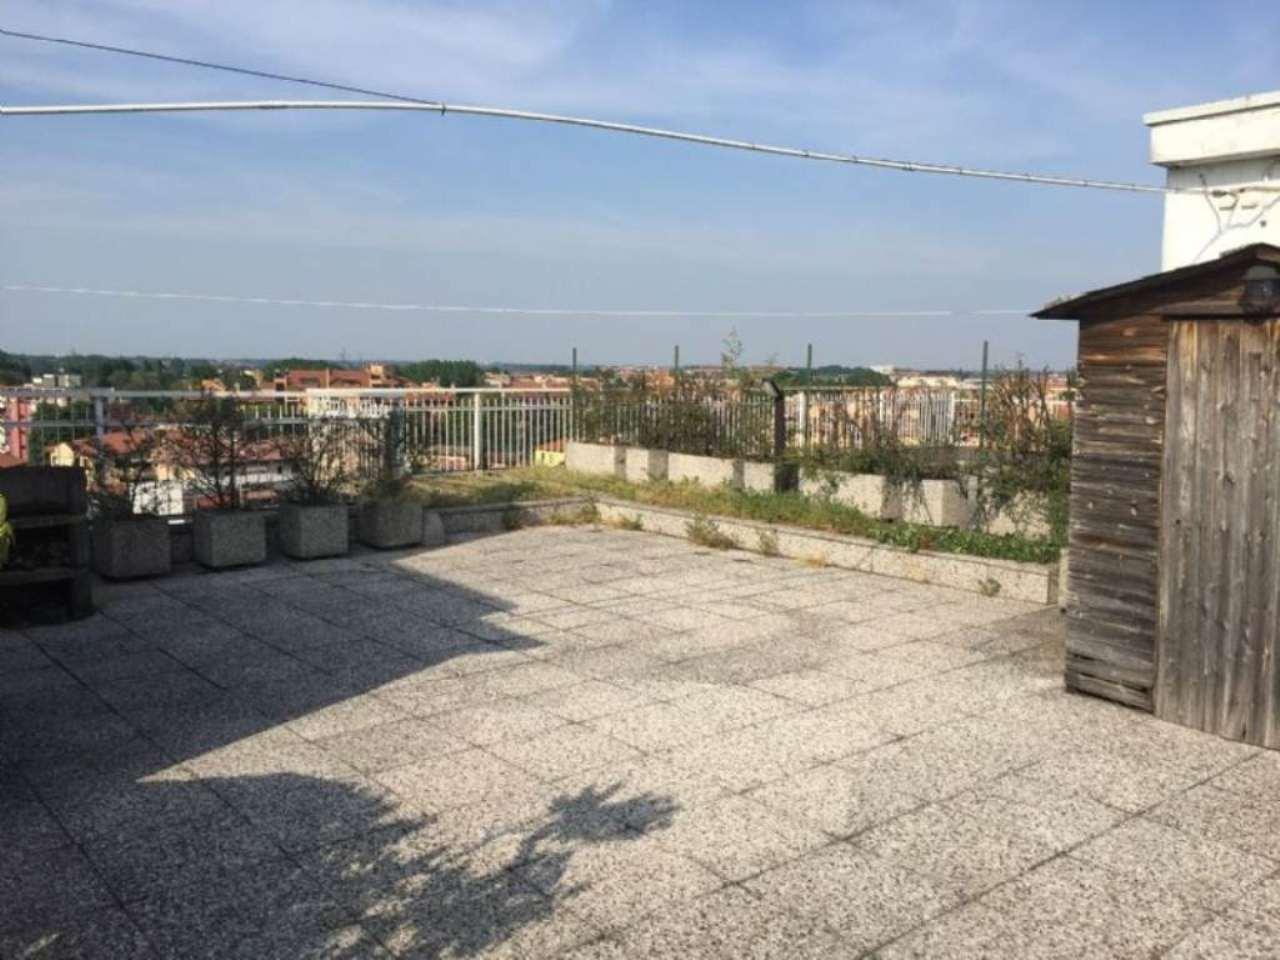 Attico / Mansarda in vendita a Peschiera Borromeo, 6 locali, prezzo € 650.000 | Cambio Casa.it